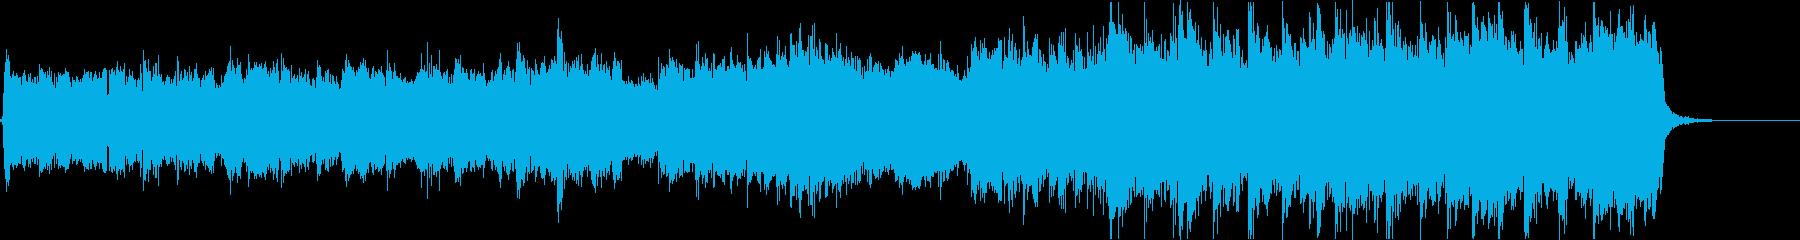 ドキュメンタリーOP風ロックバラード曲の再生済みの波形